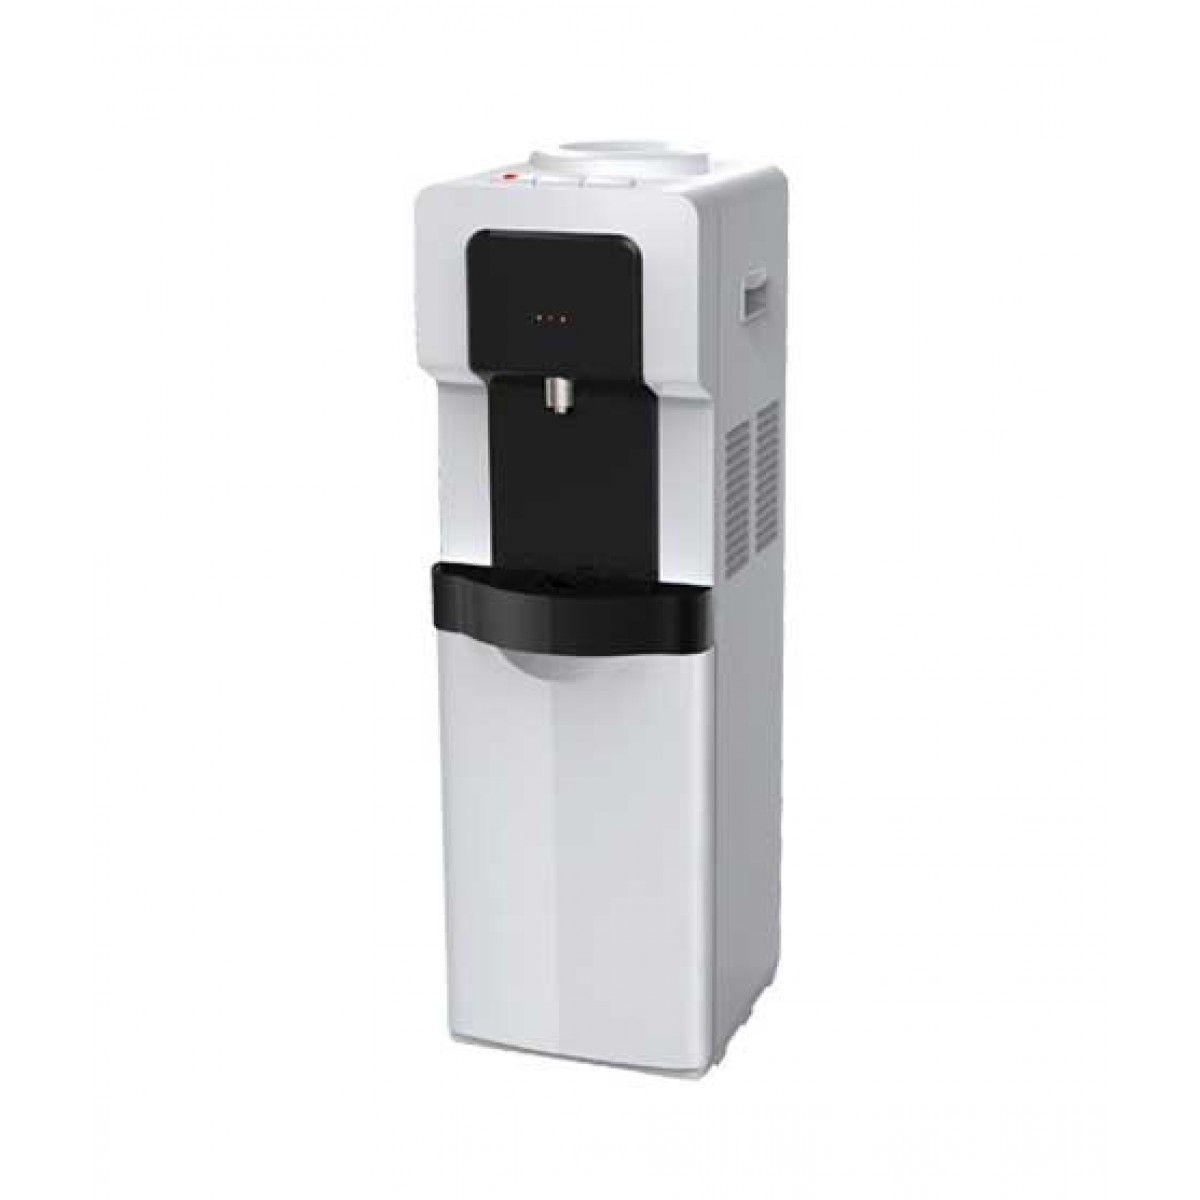 Homage HWD-41 1 Tap Water Dispenser